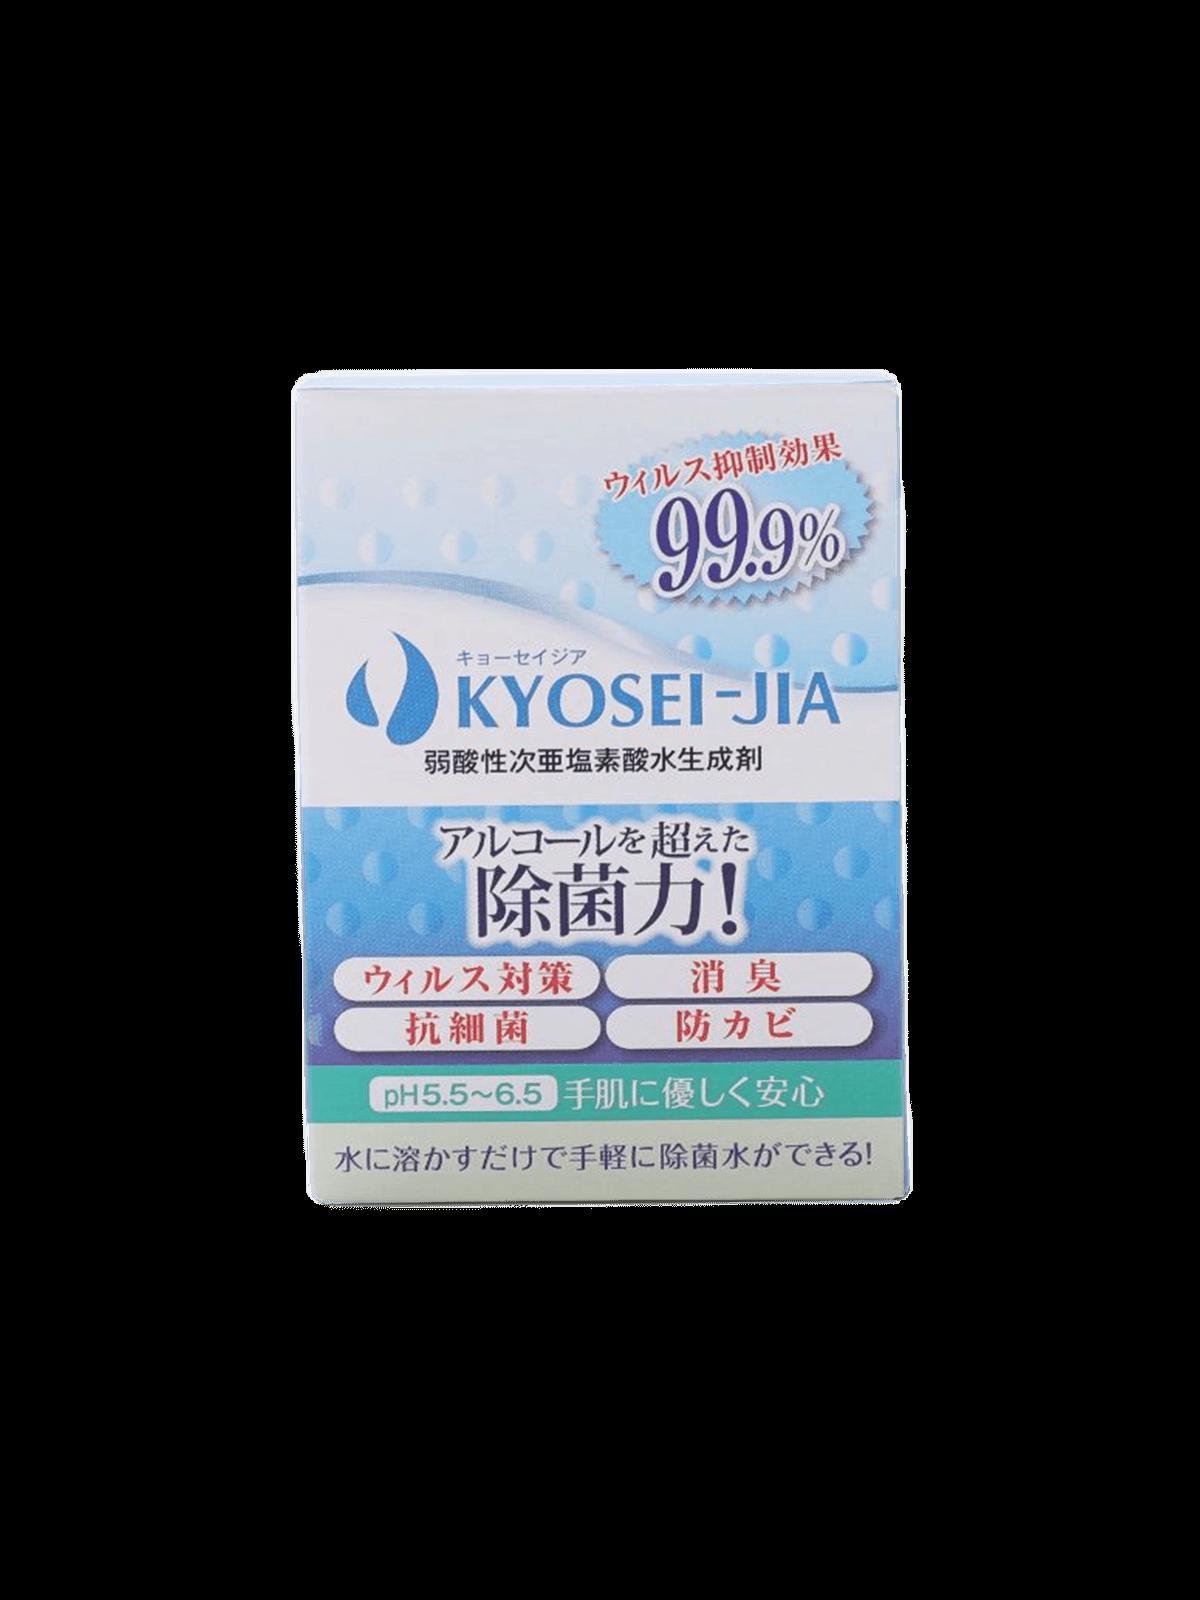 病毒抑制効果99.9%日本製防疫Covid19爆量KYOSEI-JIA微酸性次氯酸水生成劑-10小包/盒-每小包可泡5000ml(50ppm) 1